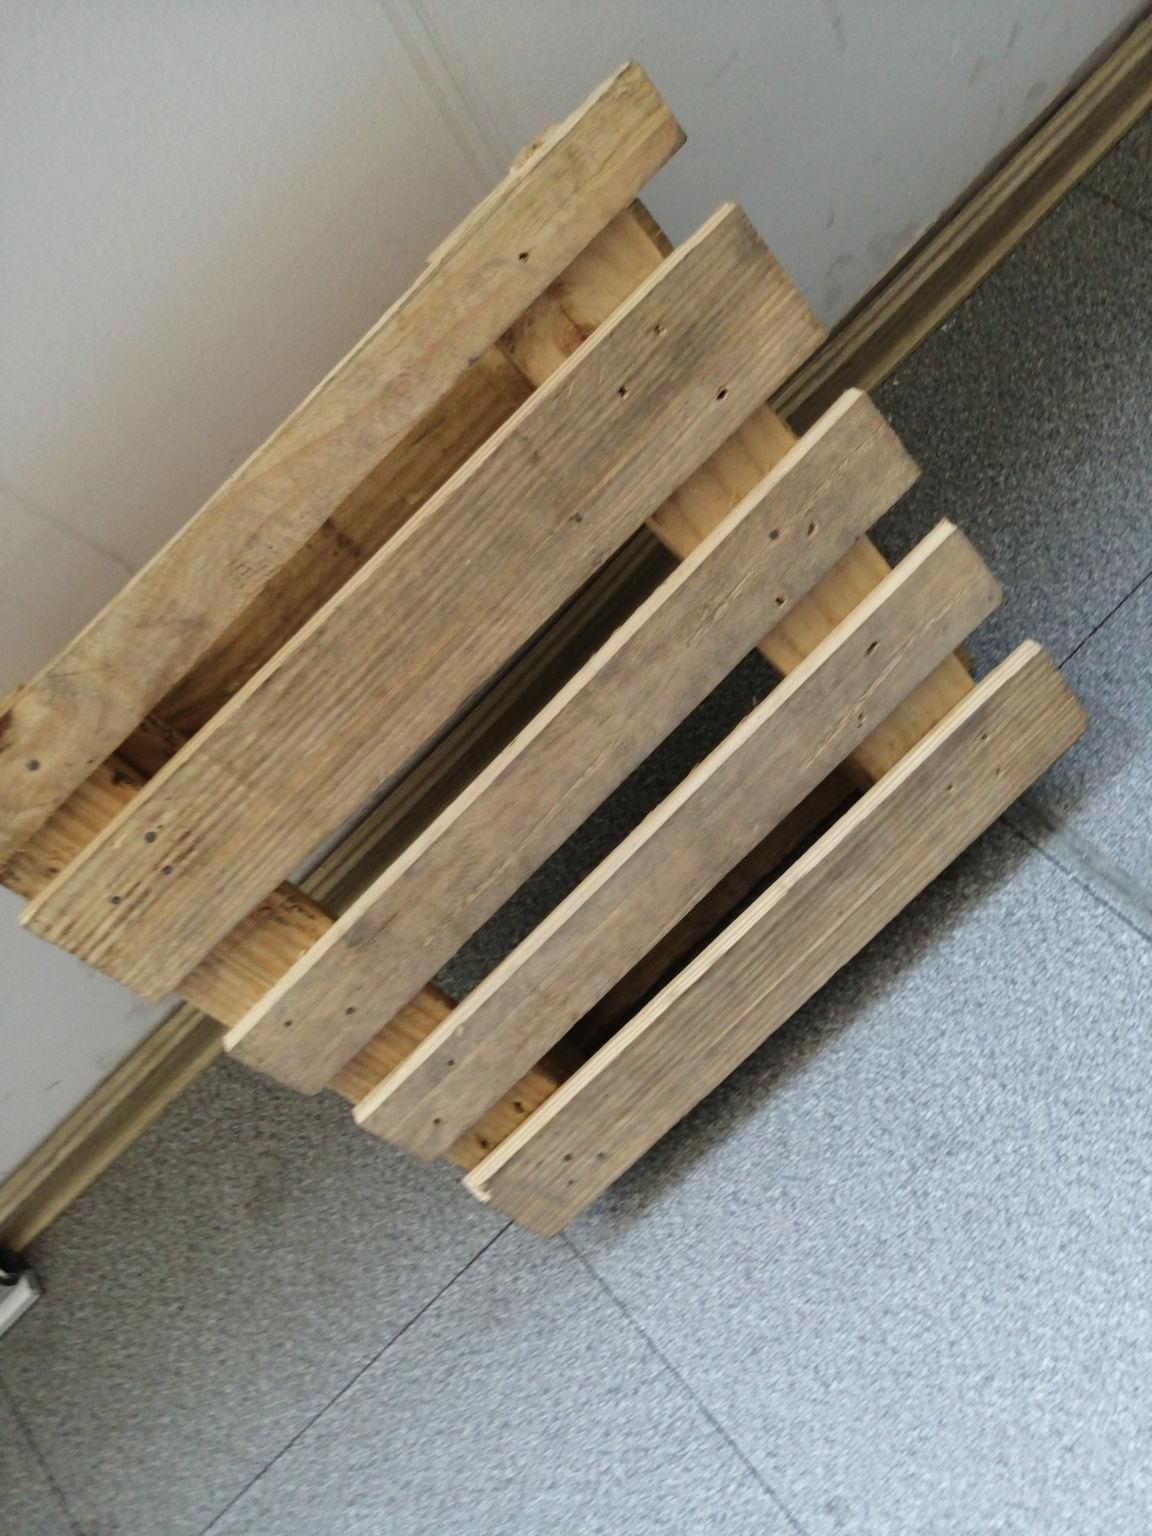 嘉兴出售周转木托盘生产基地应该是嘉兴目前省内最大的